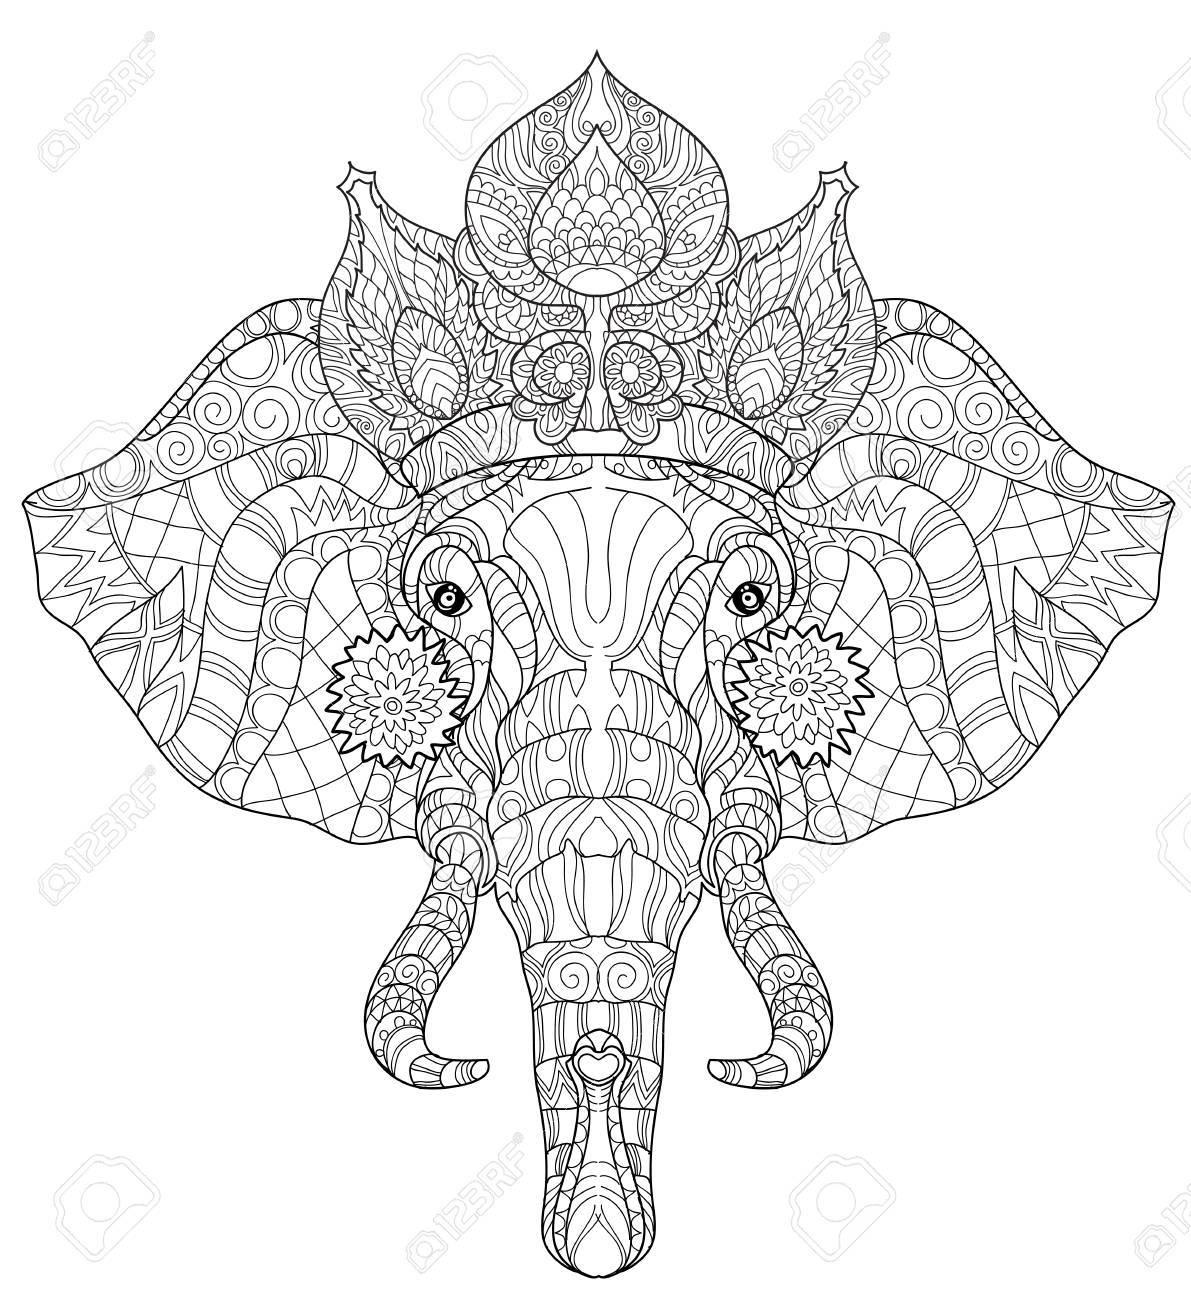 Elefante Del Doodle De La Cabeza En La Ilustración Blanca Background ...